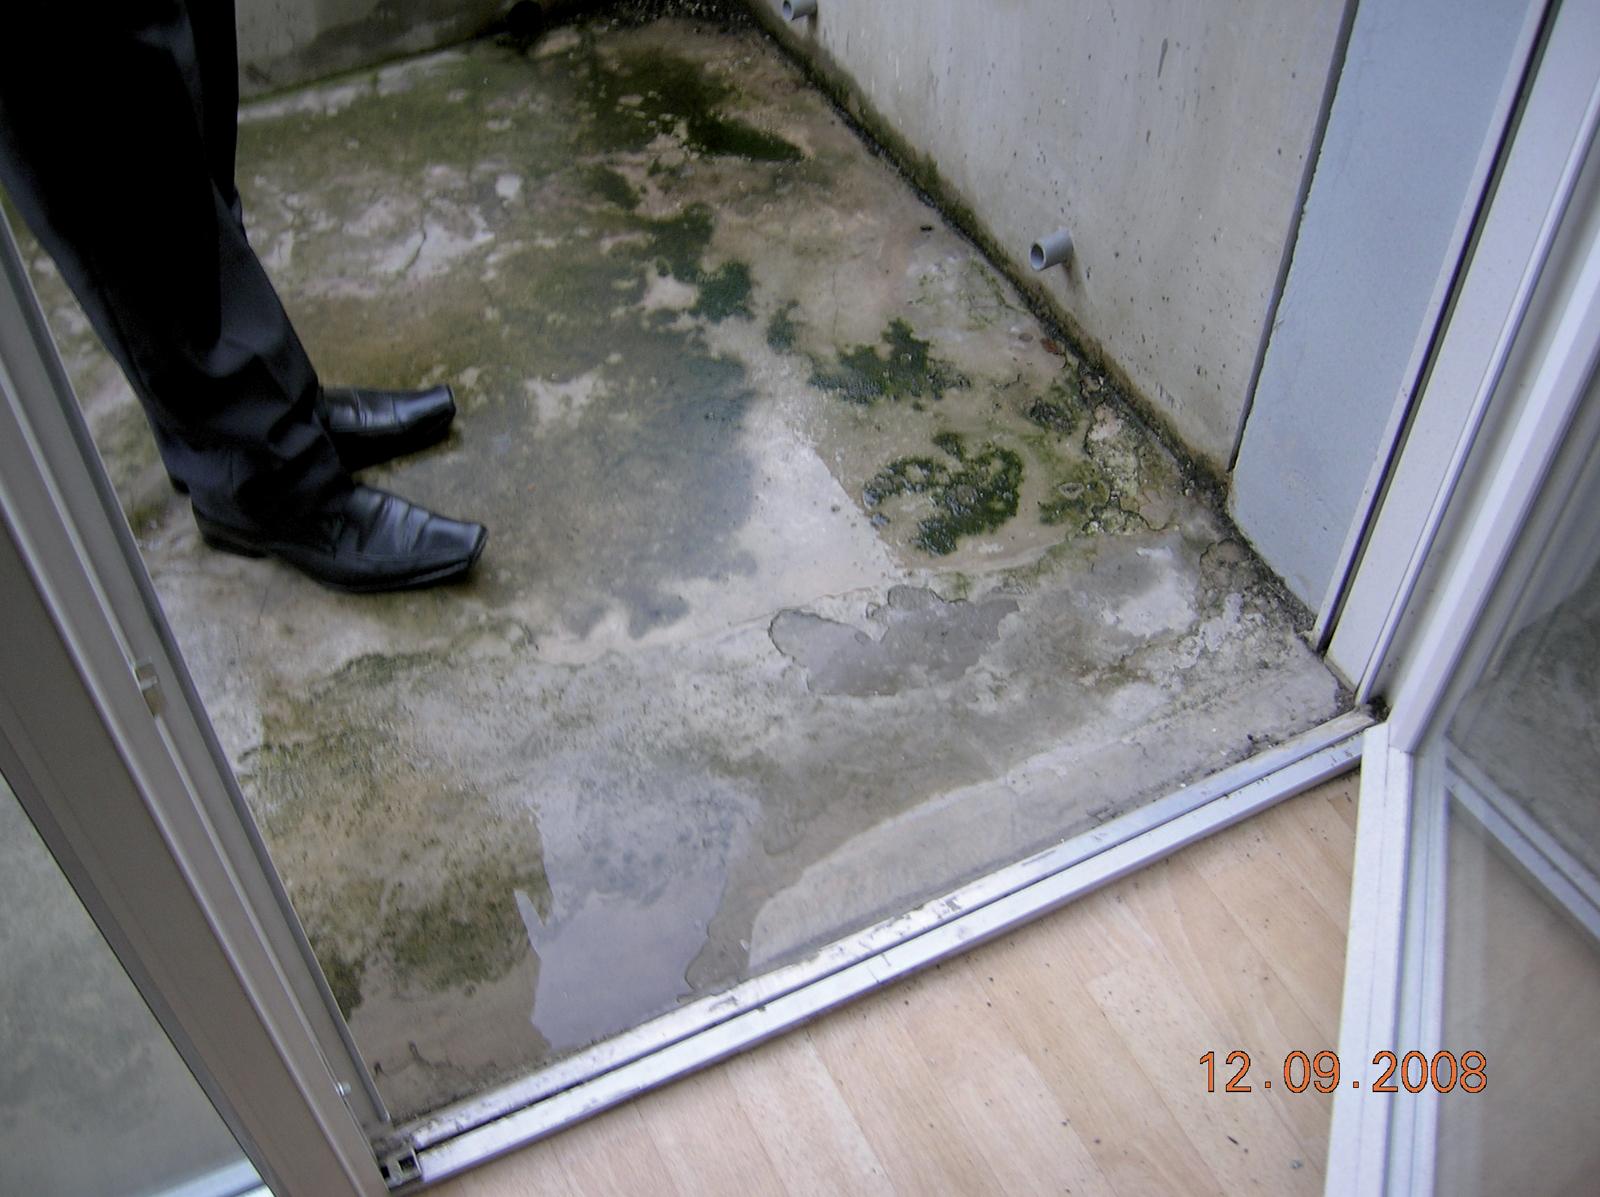 Espace Entre Porte Et Carrelage infiltrations d'eau par seuil des porte-fenêtres